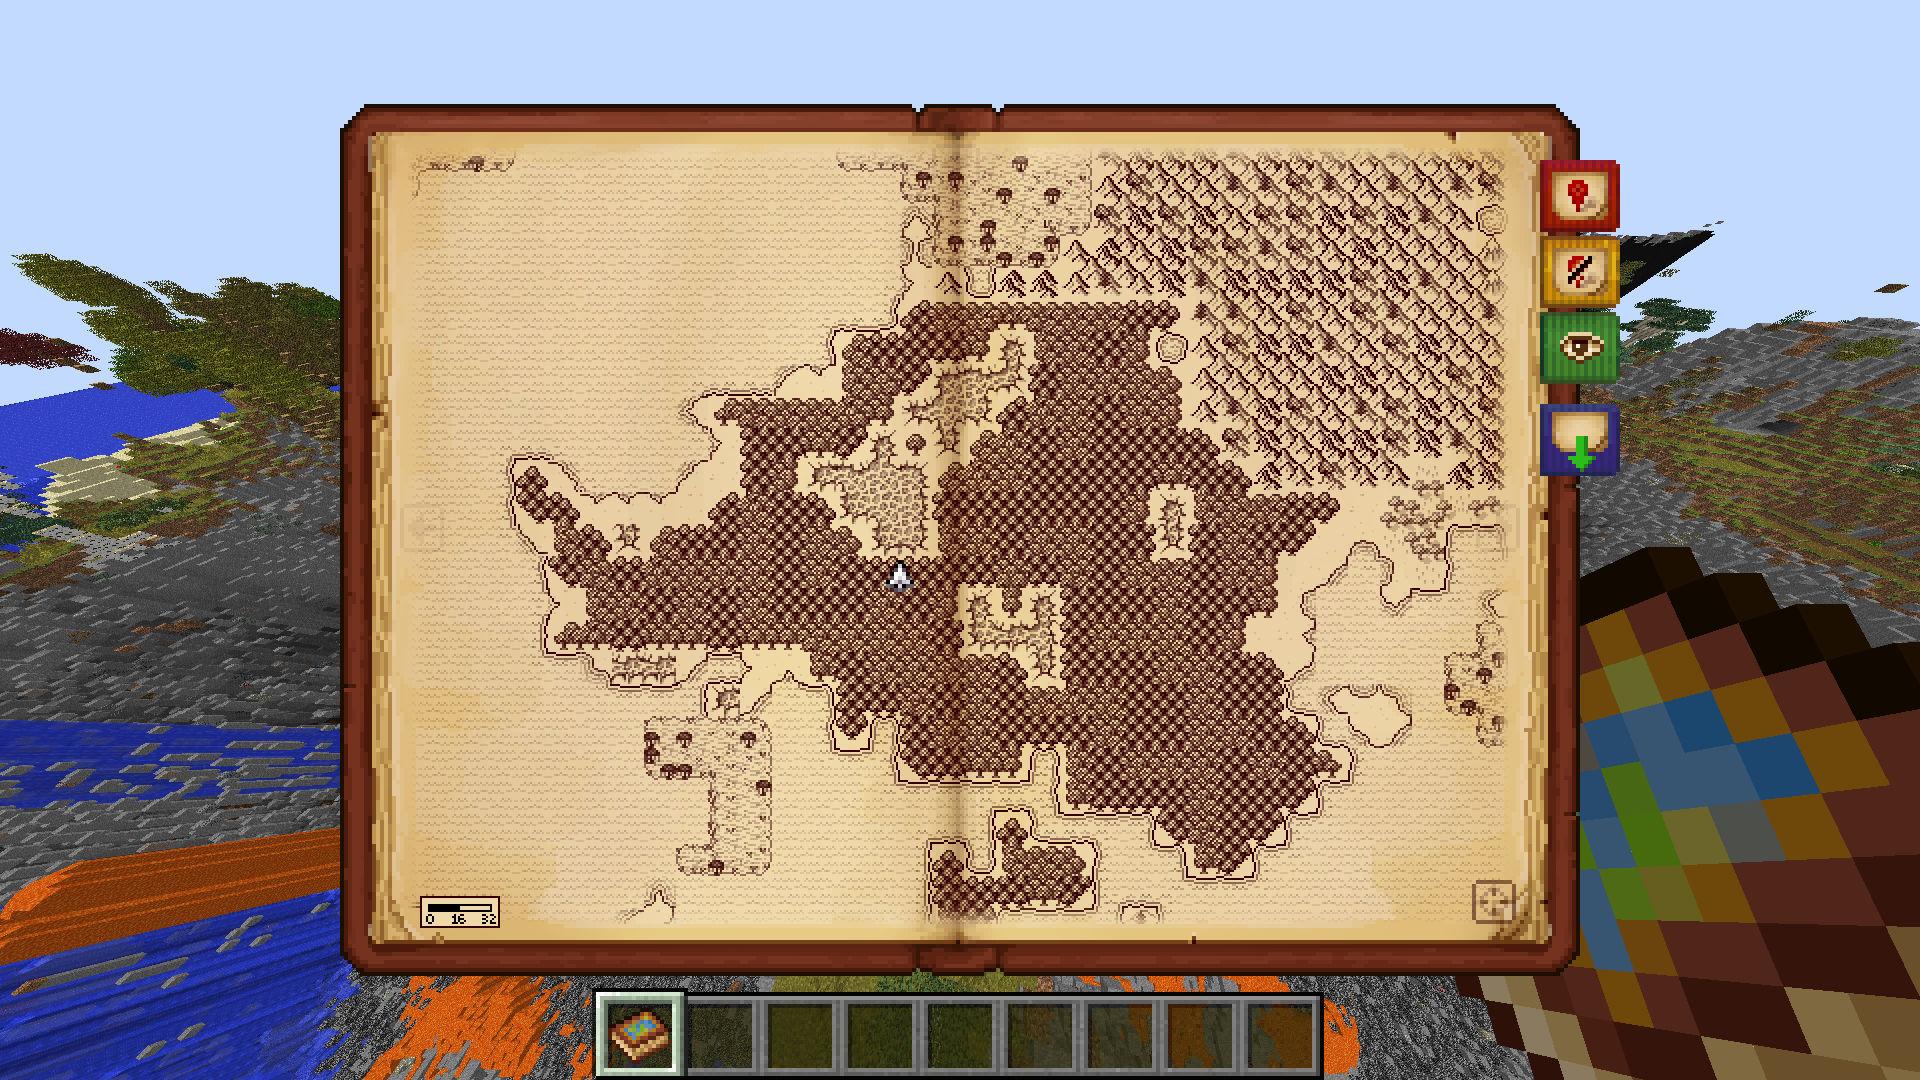 Minecraft Karte Kopieren.Antique Atlas Mod 1 11 2 1 8 1 7 10 Minecraft Modinstaller